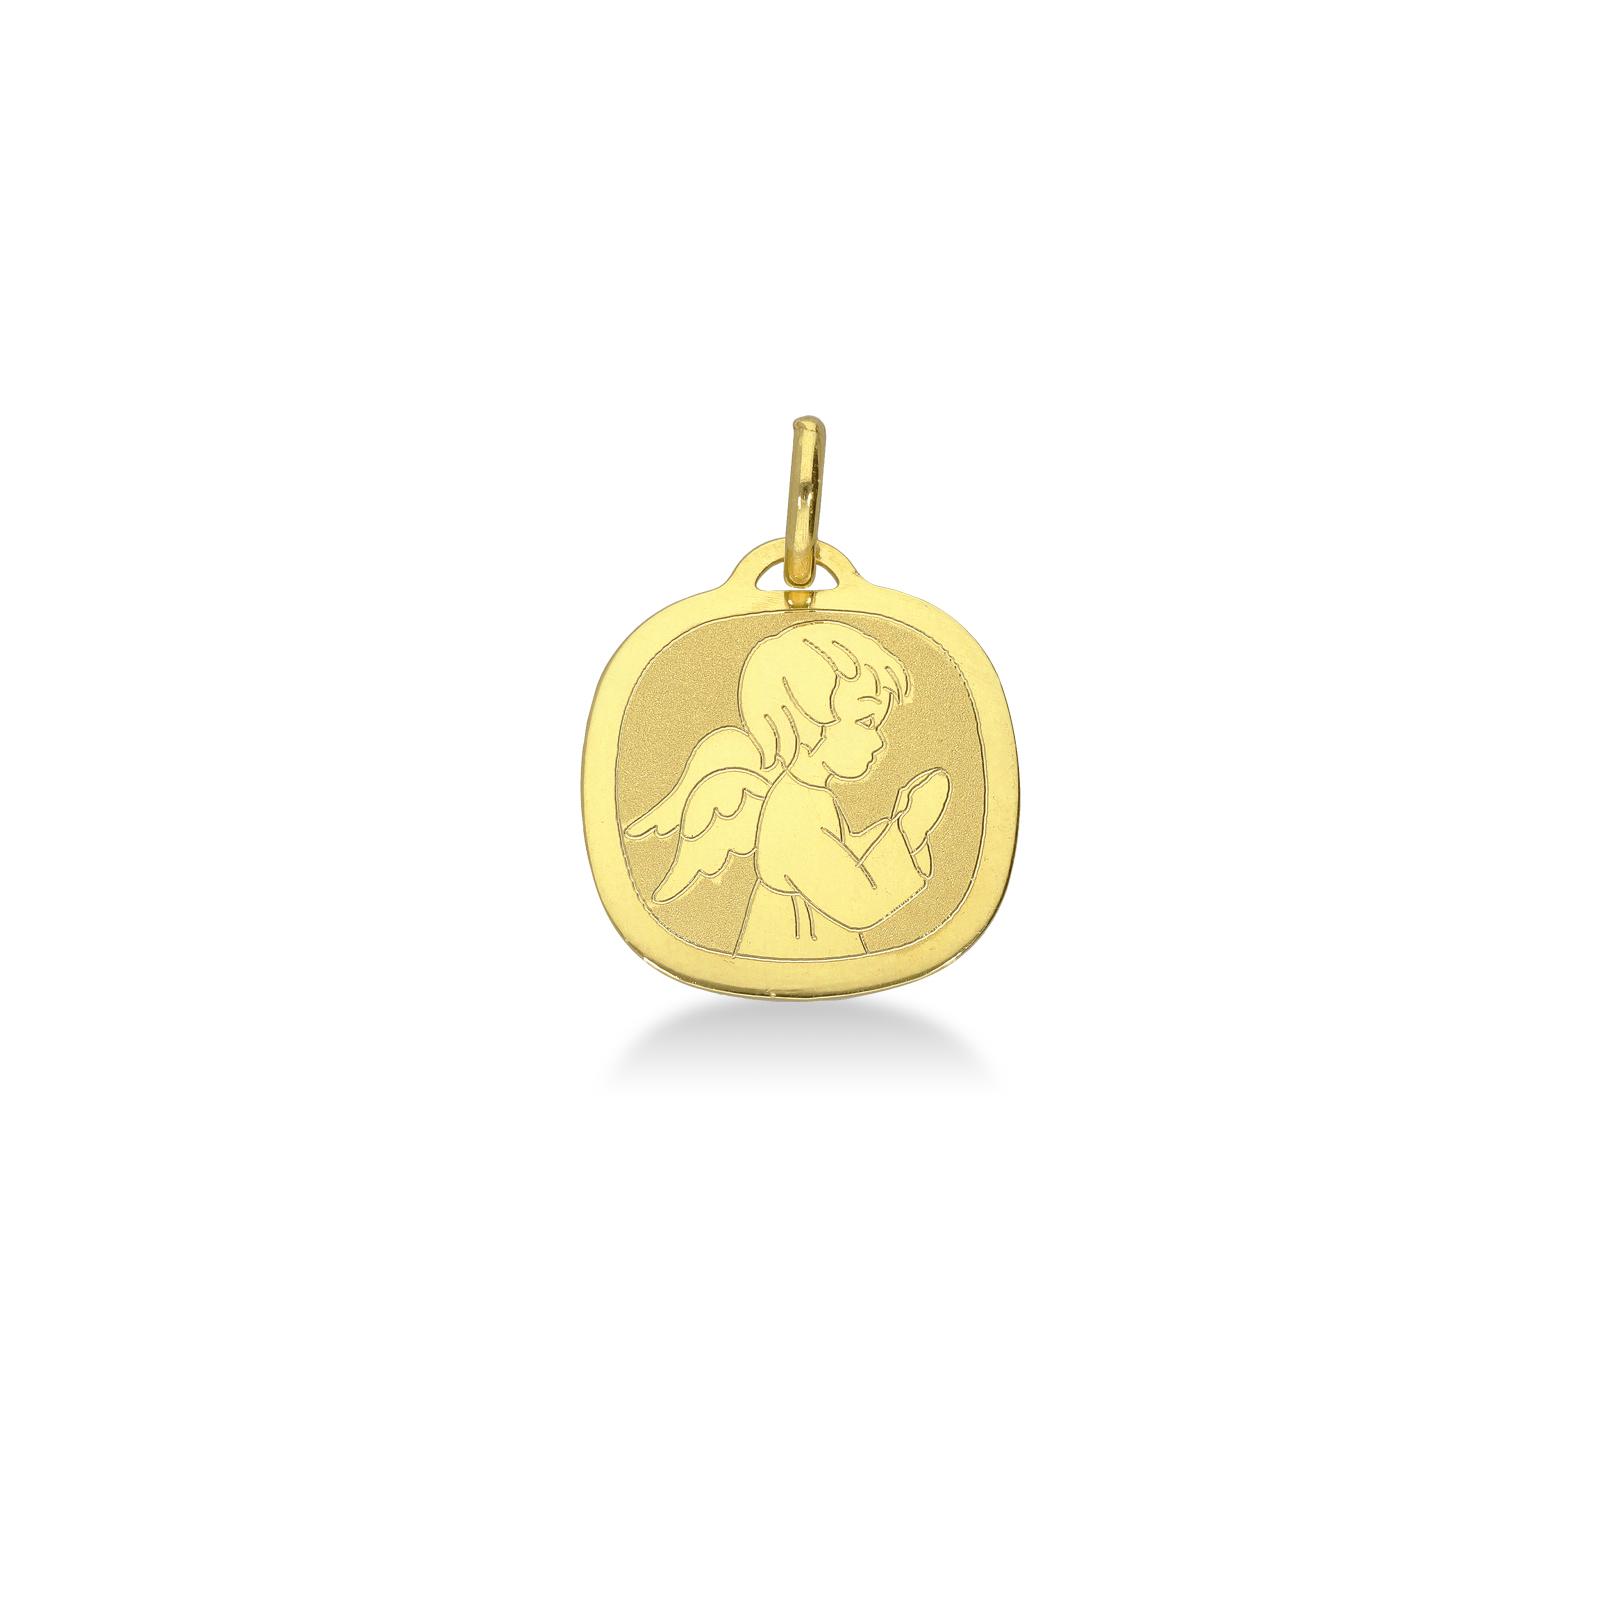 Medaglia angioletto in oro giallo 18kt